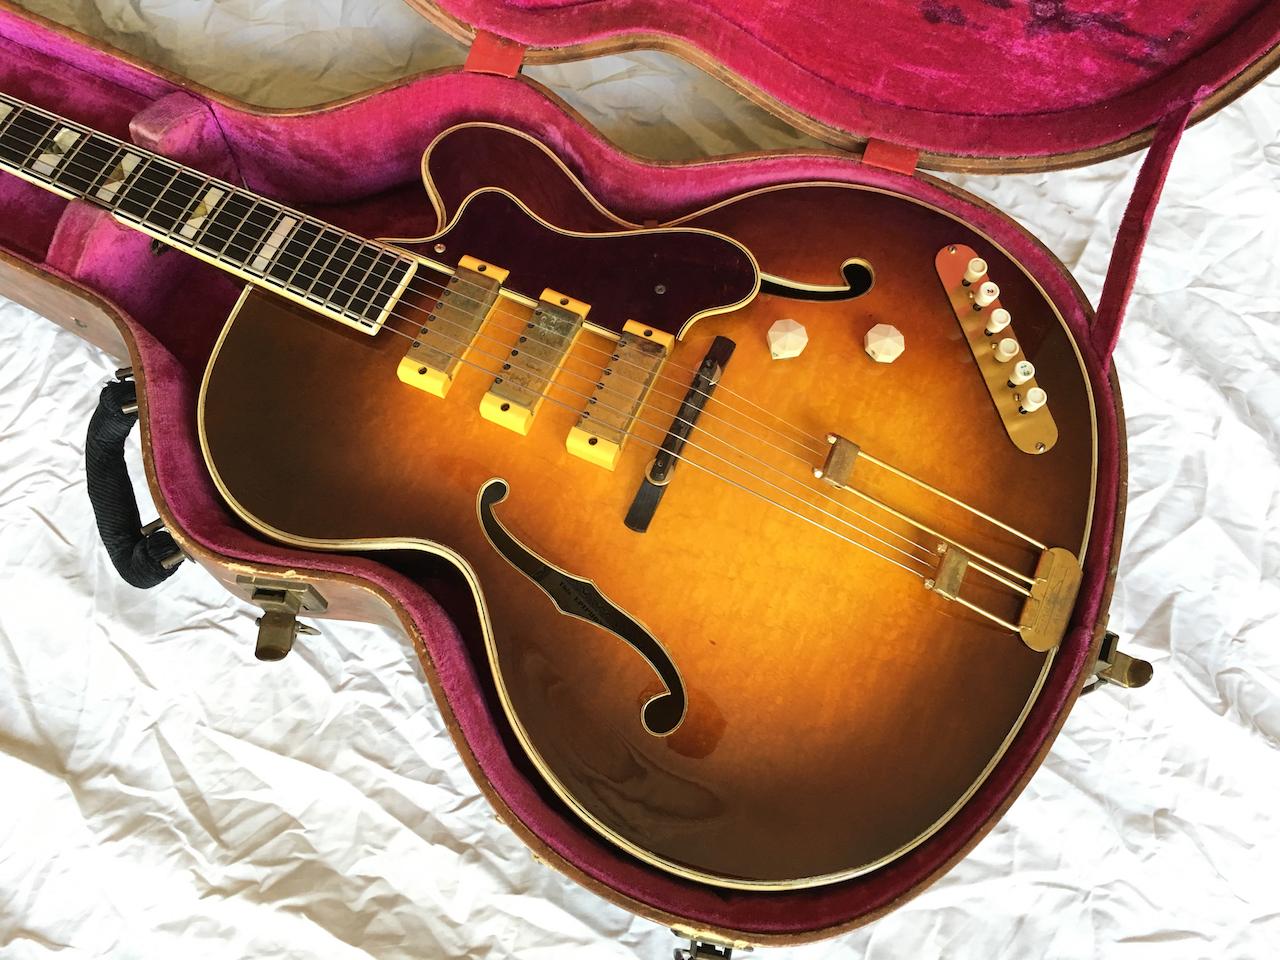 epiphone zephyr emperor regent 1953 sunburst guitar for sale atoyboy guitars. Black Bedroom Furniture Sets. Home Design Ideas